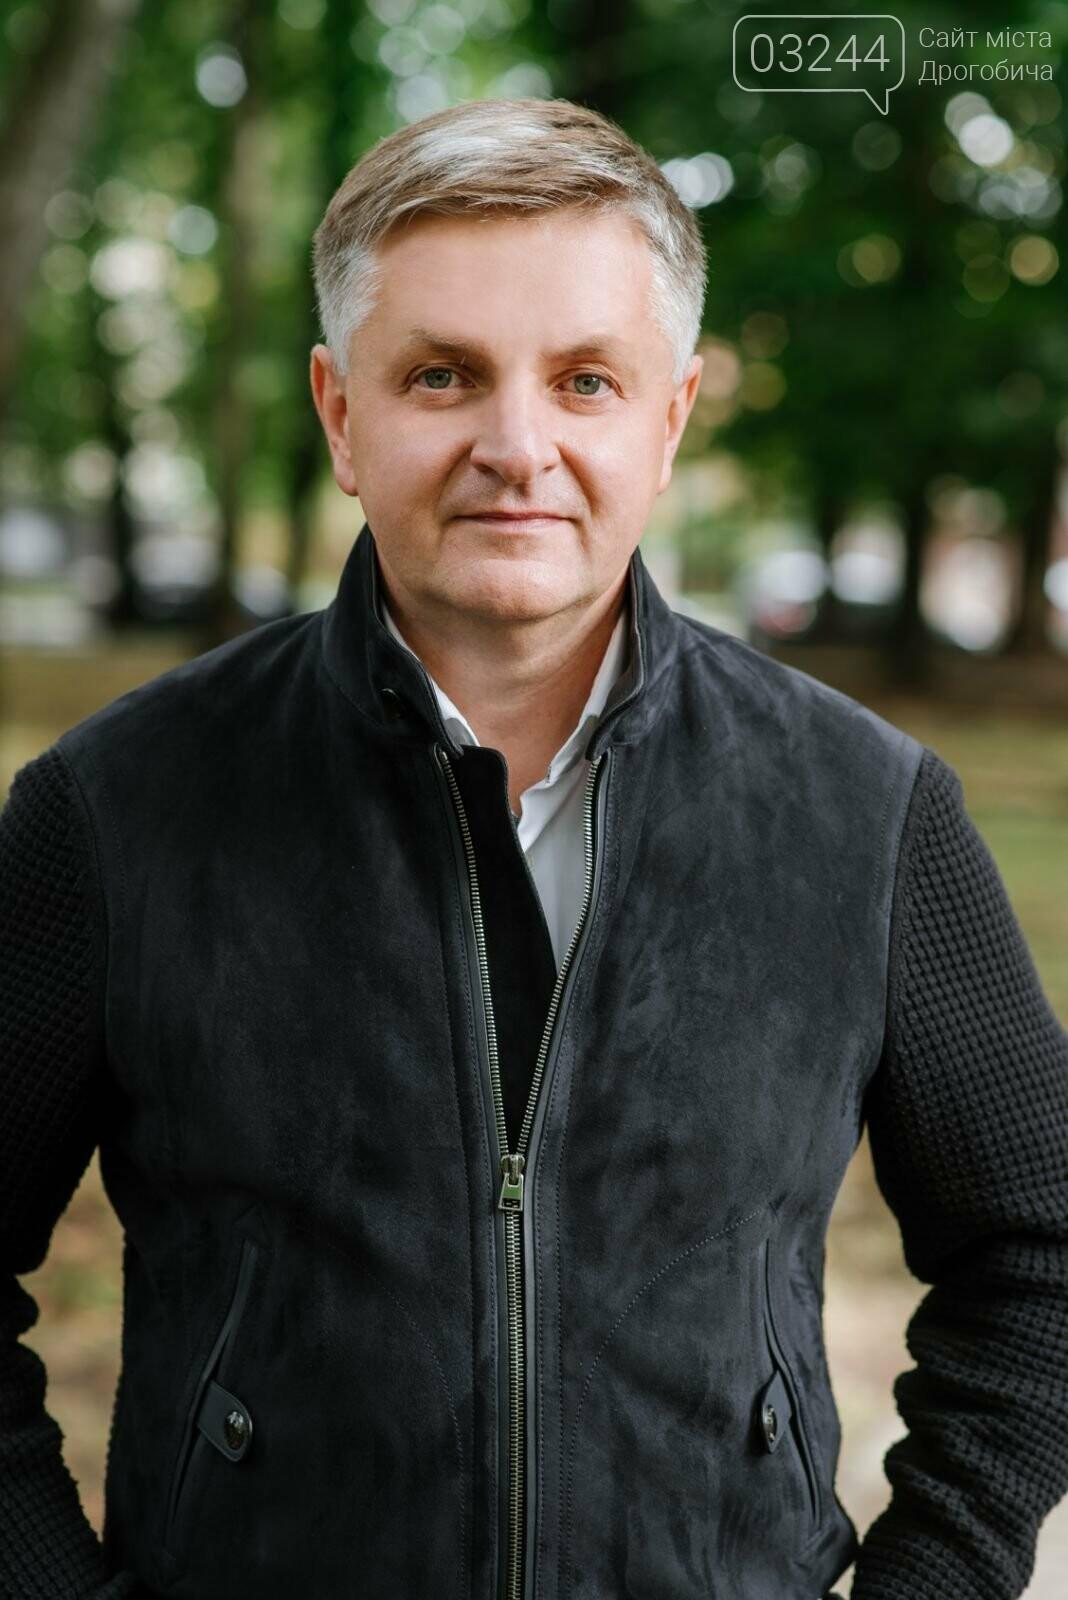 Андрій ВЕСЕЛИЙ: «Люди, які хочуть змін у Дрогобицькій громаді — мої найперші союзники», фото-2